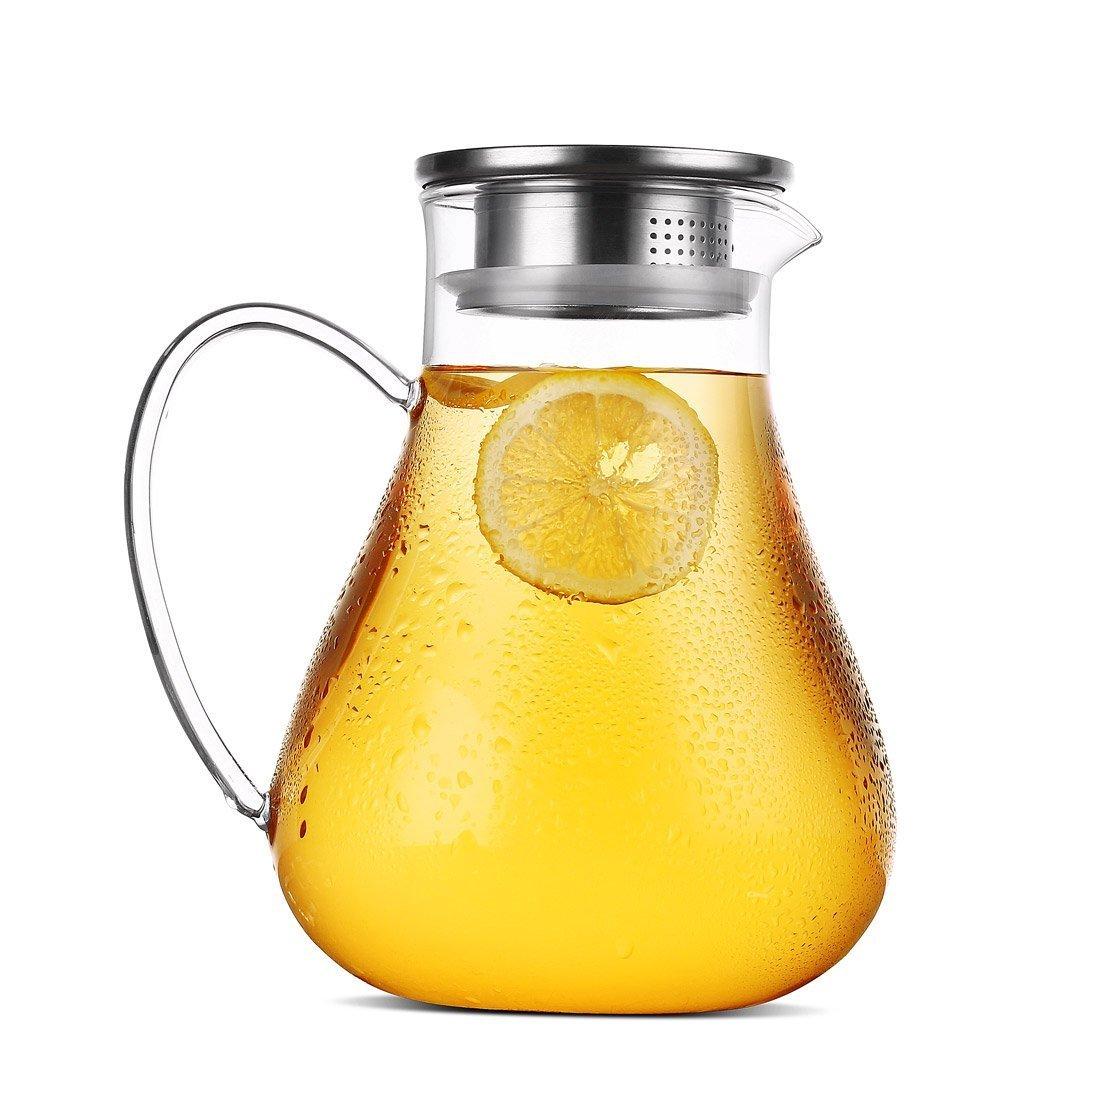 Glaskrug mit Edelstahl-Teefiltereinsatz und Ausguss im Deckel von JIAQI. Handgefertigter Wasserkrug, ideal für heißes und kaltes Wasser, Eistee und Saft, Getränke-Karaffe, glas, durchsichtig, 1.9L Getränke-Karaffe GYBL319